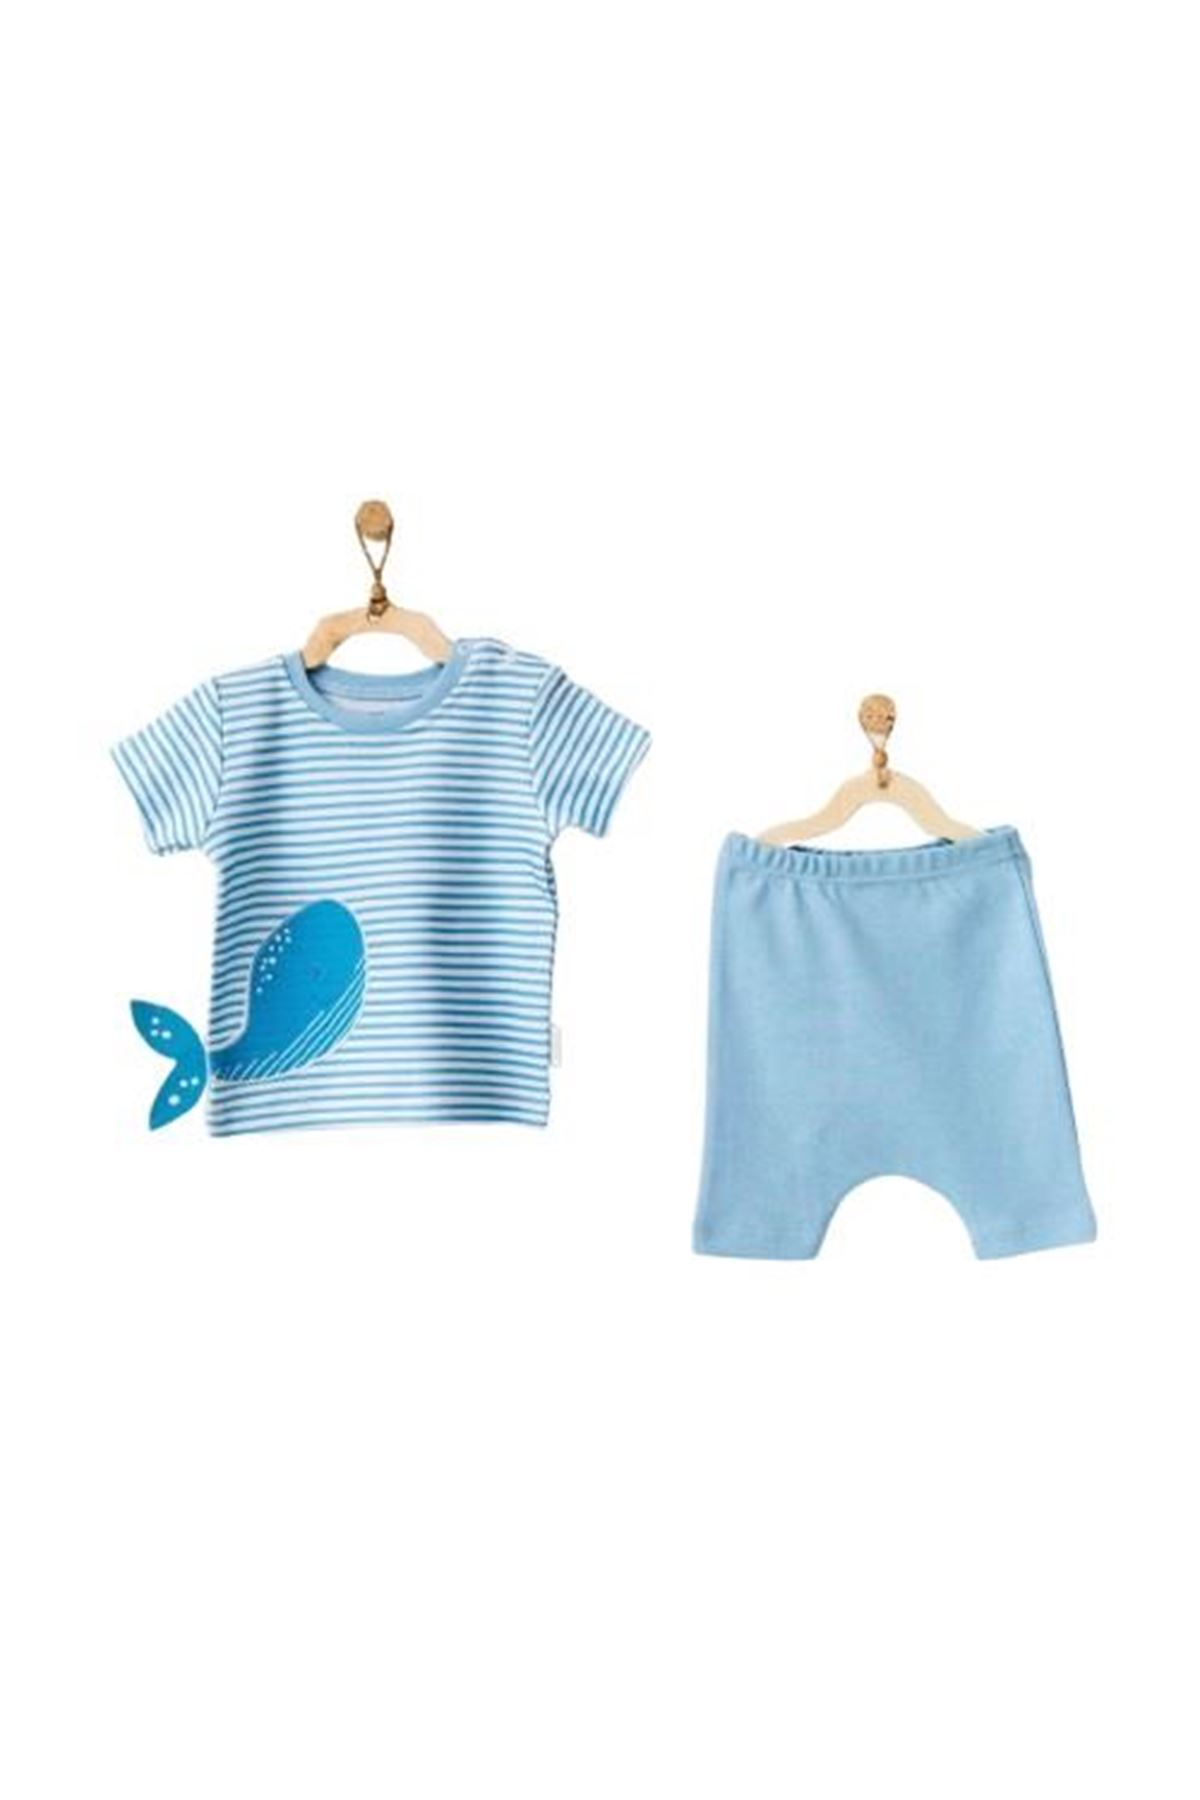 Andywawa AC21564 Cute Whale 2li Bebek Takım Blue